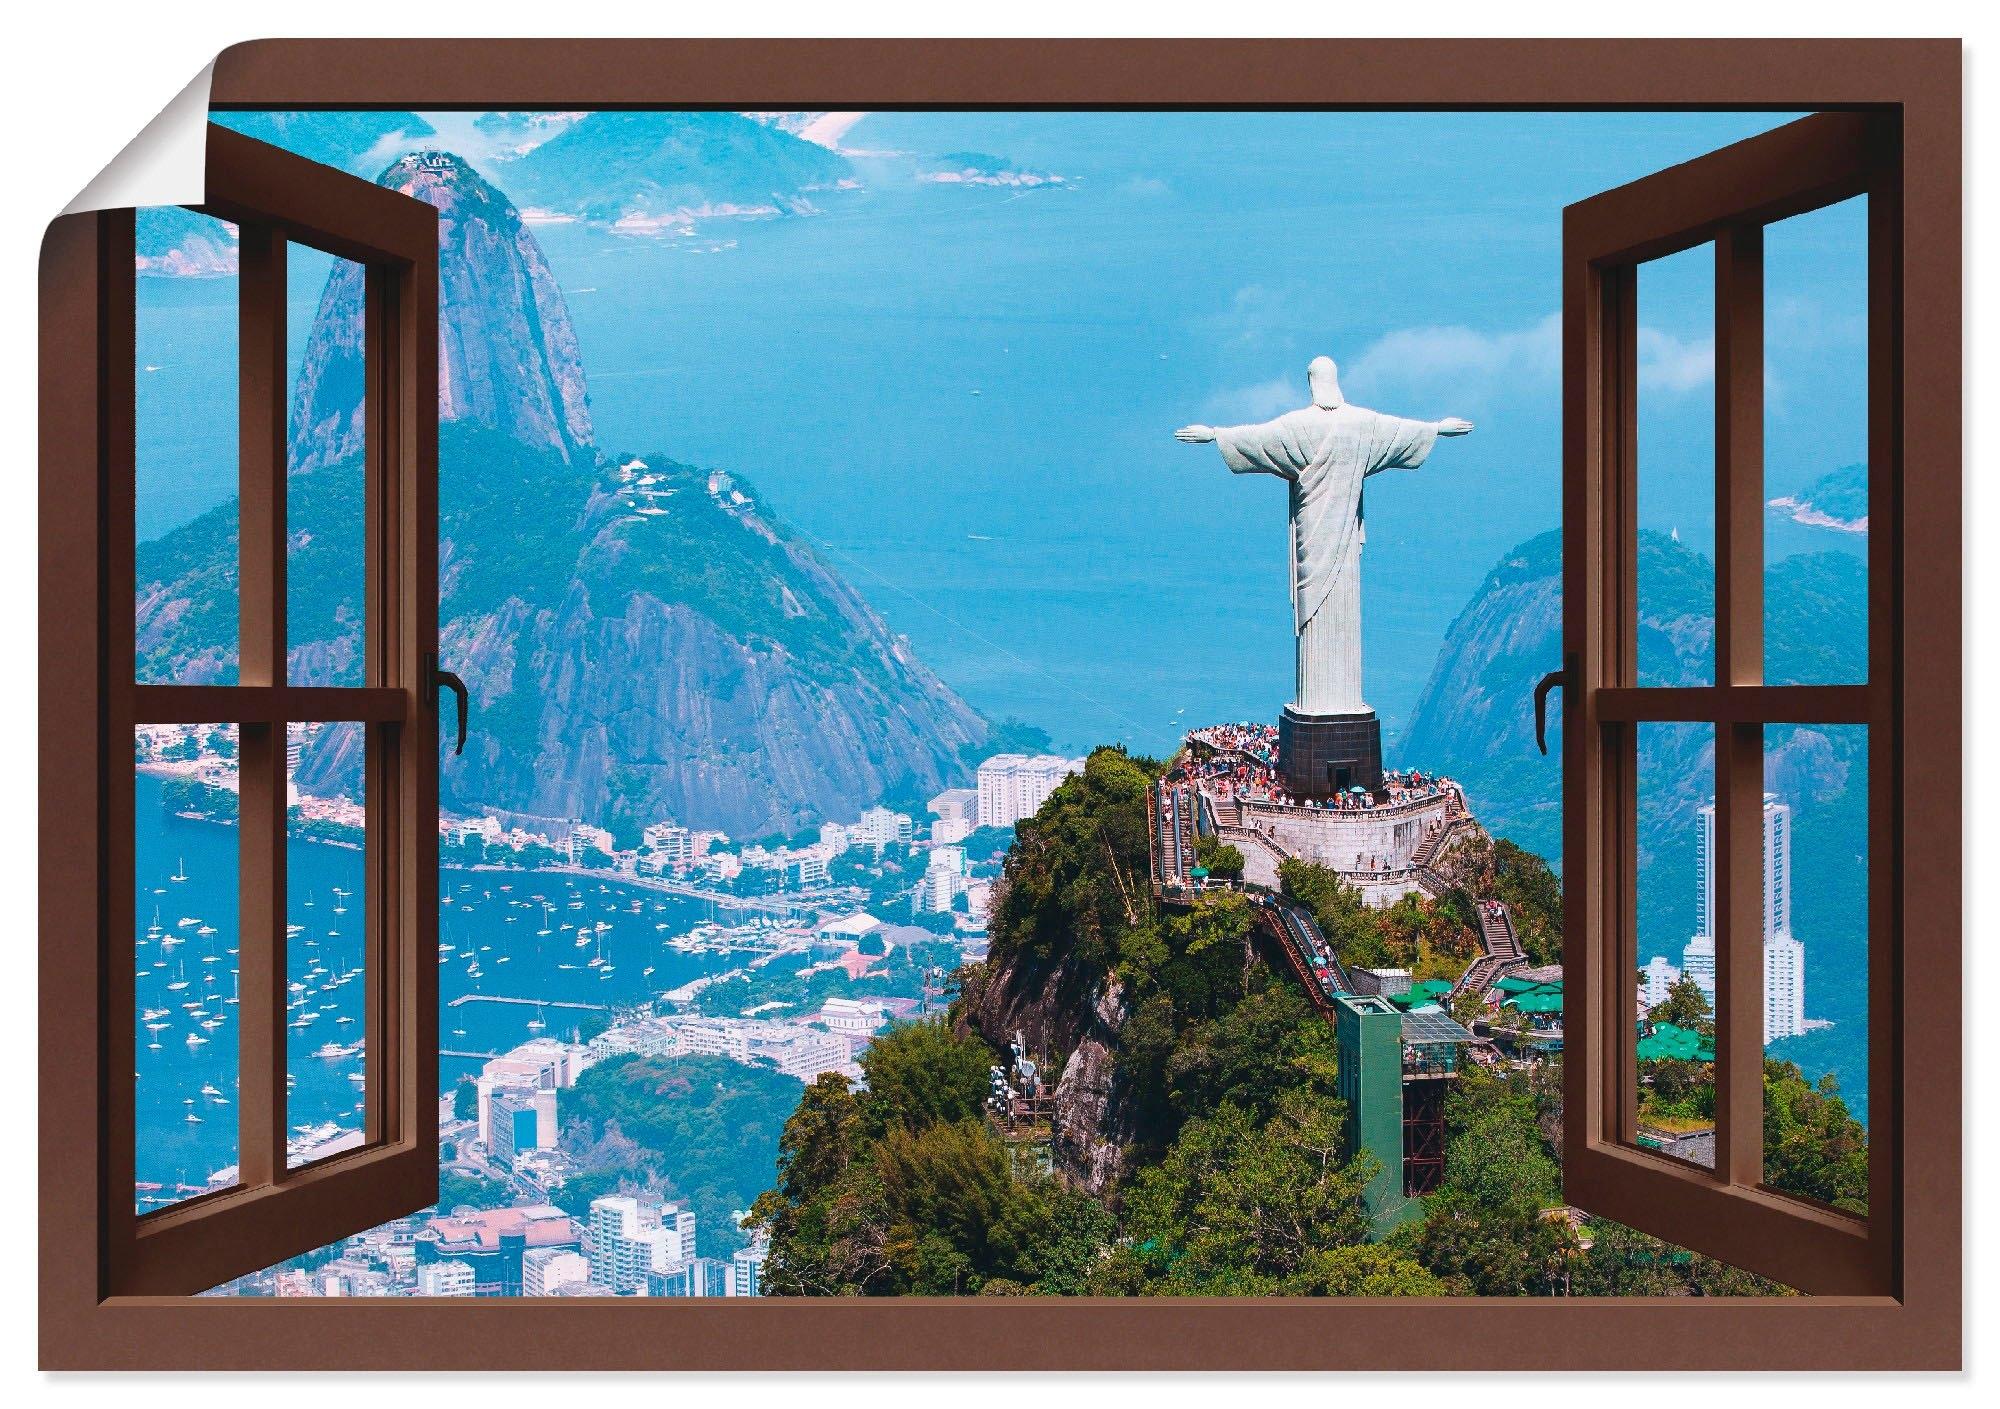 Artland Artprint Blik uit het venster Rio de Janeiro met Cristo in vele afmetingen & productsoorten - artprint van aluminium / artprint voor buiten, artprint op linnen, poster, muursticker / wandfolie ook geschikt voor de badkamer (1 stuk) bij OTTO online kopen